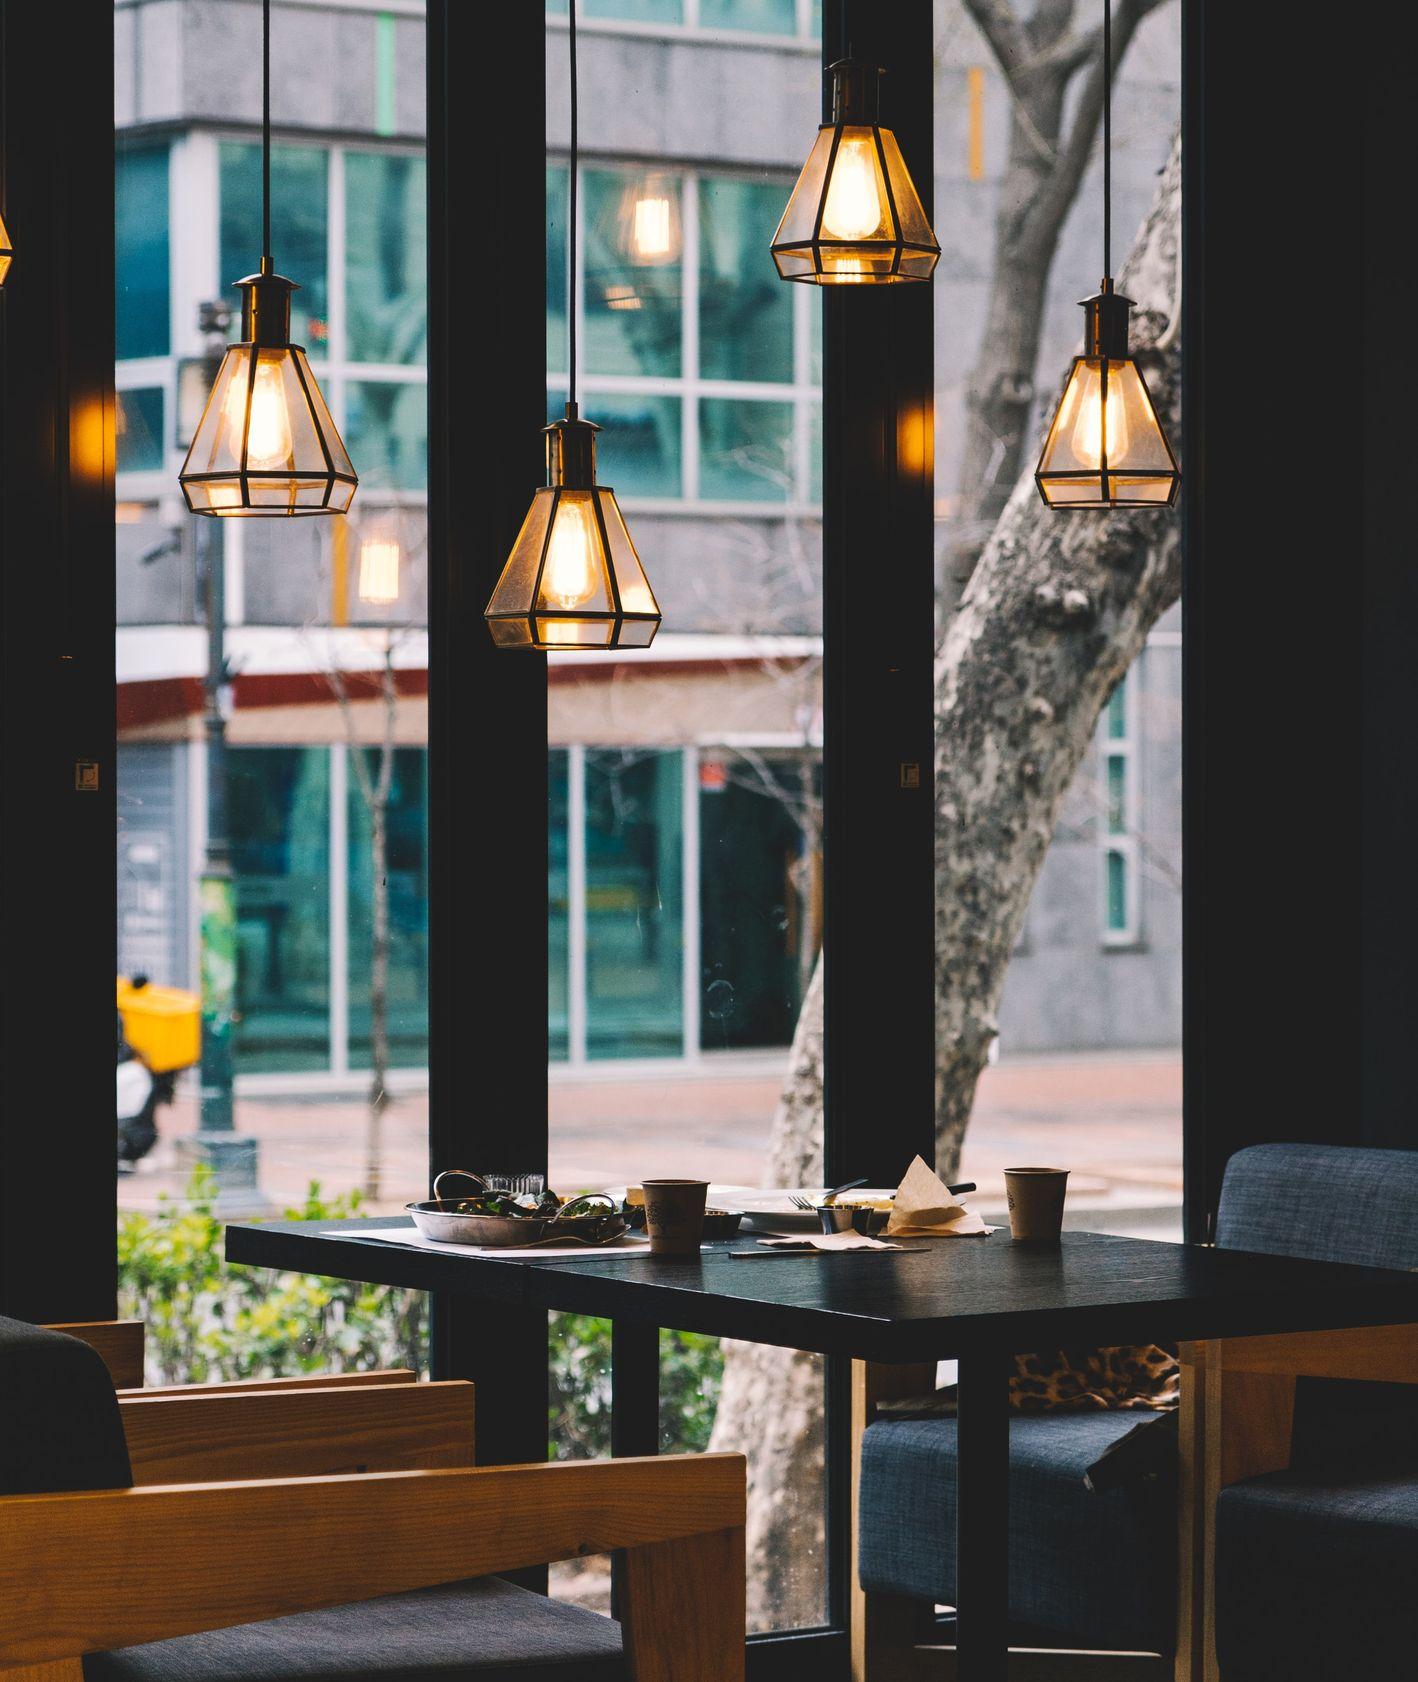 Wnętrze restauracji (fot. Bundo Kim / unsplash.com)